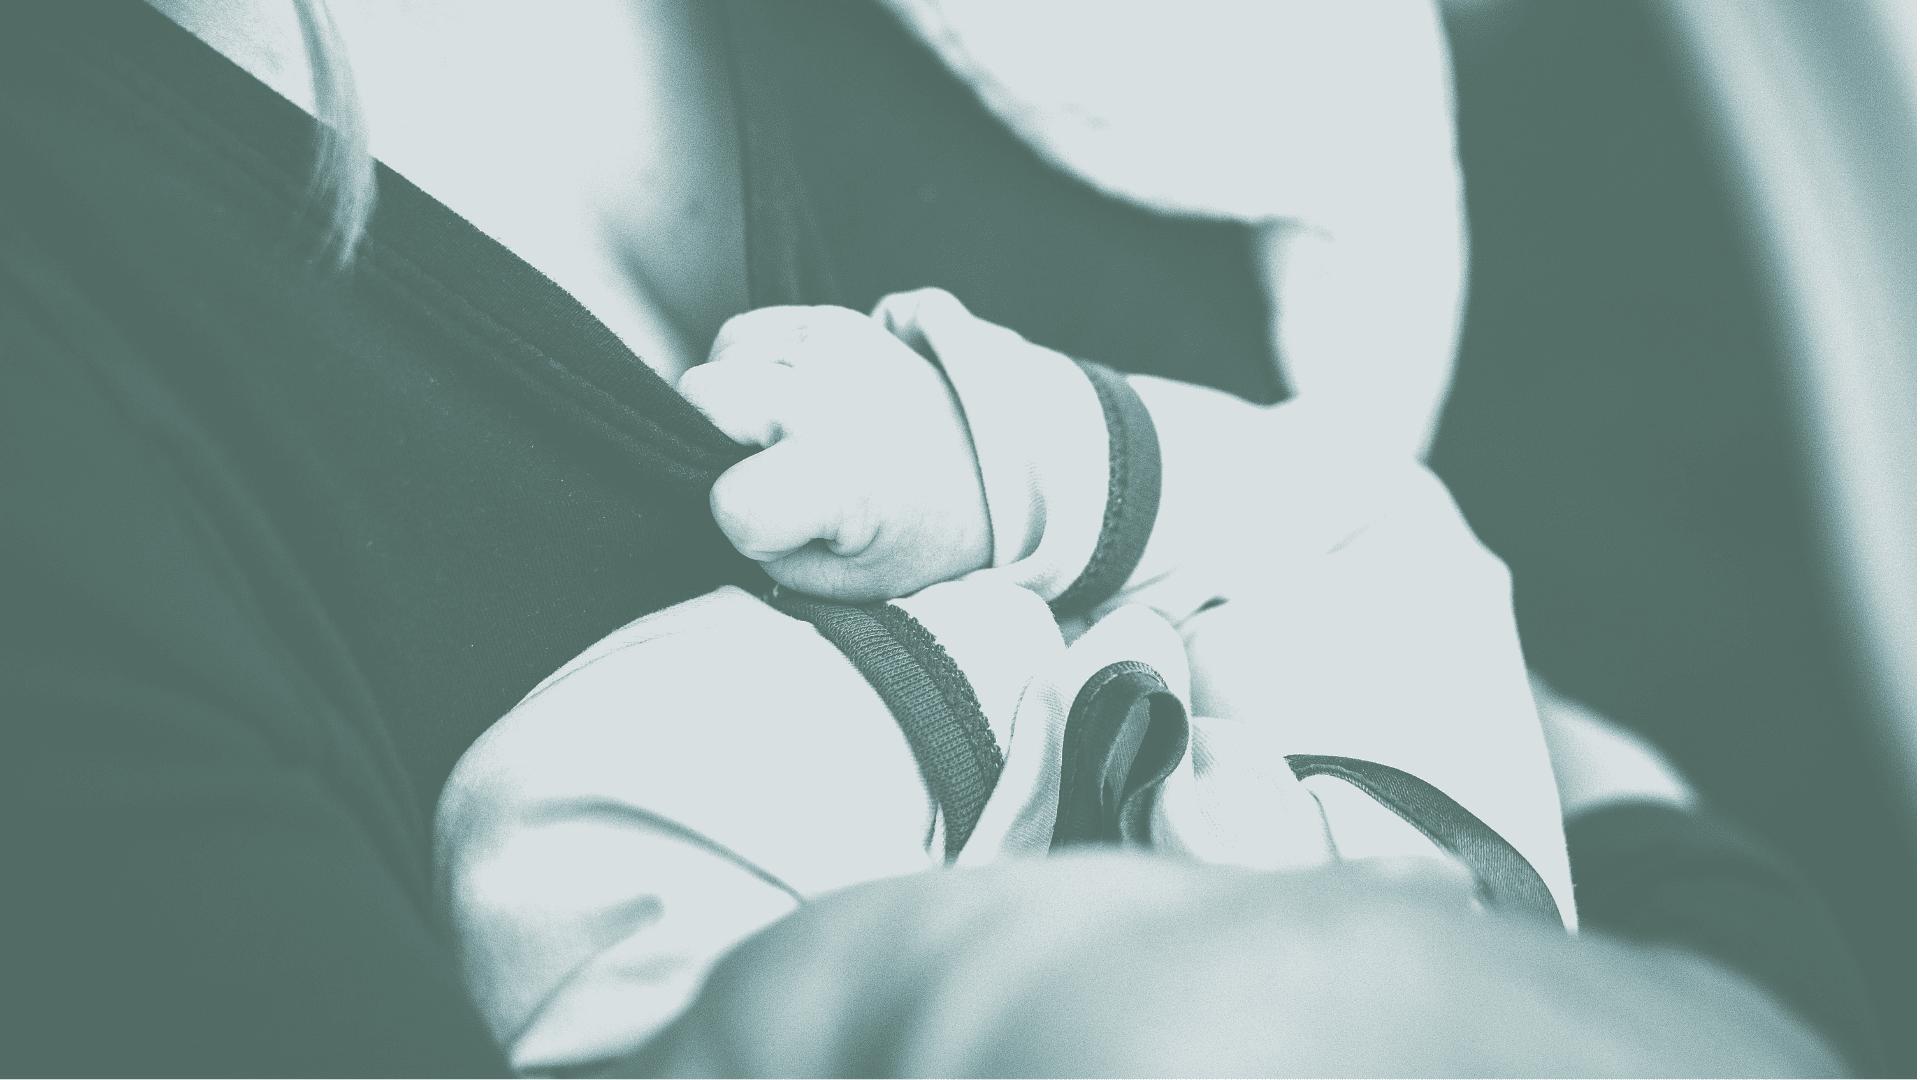 Cómo influye la lactancia en los dientes del bebé